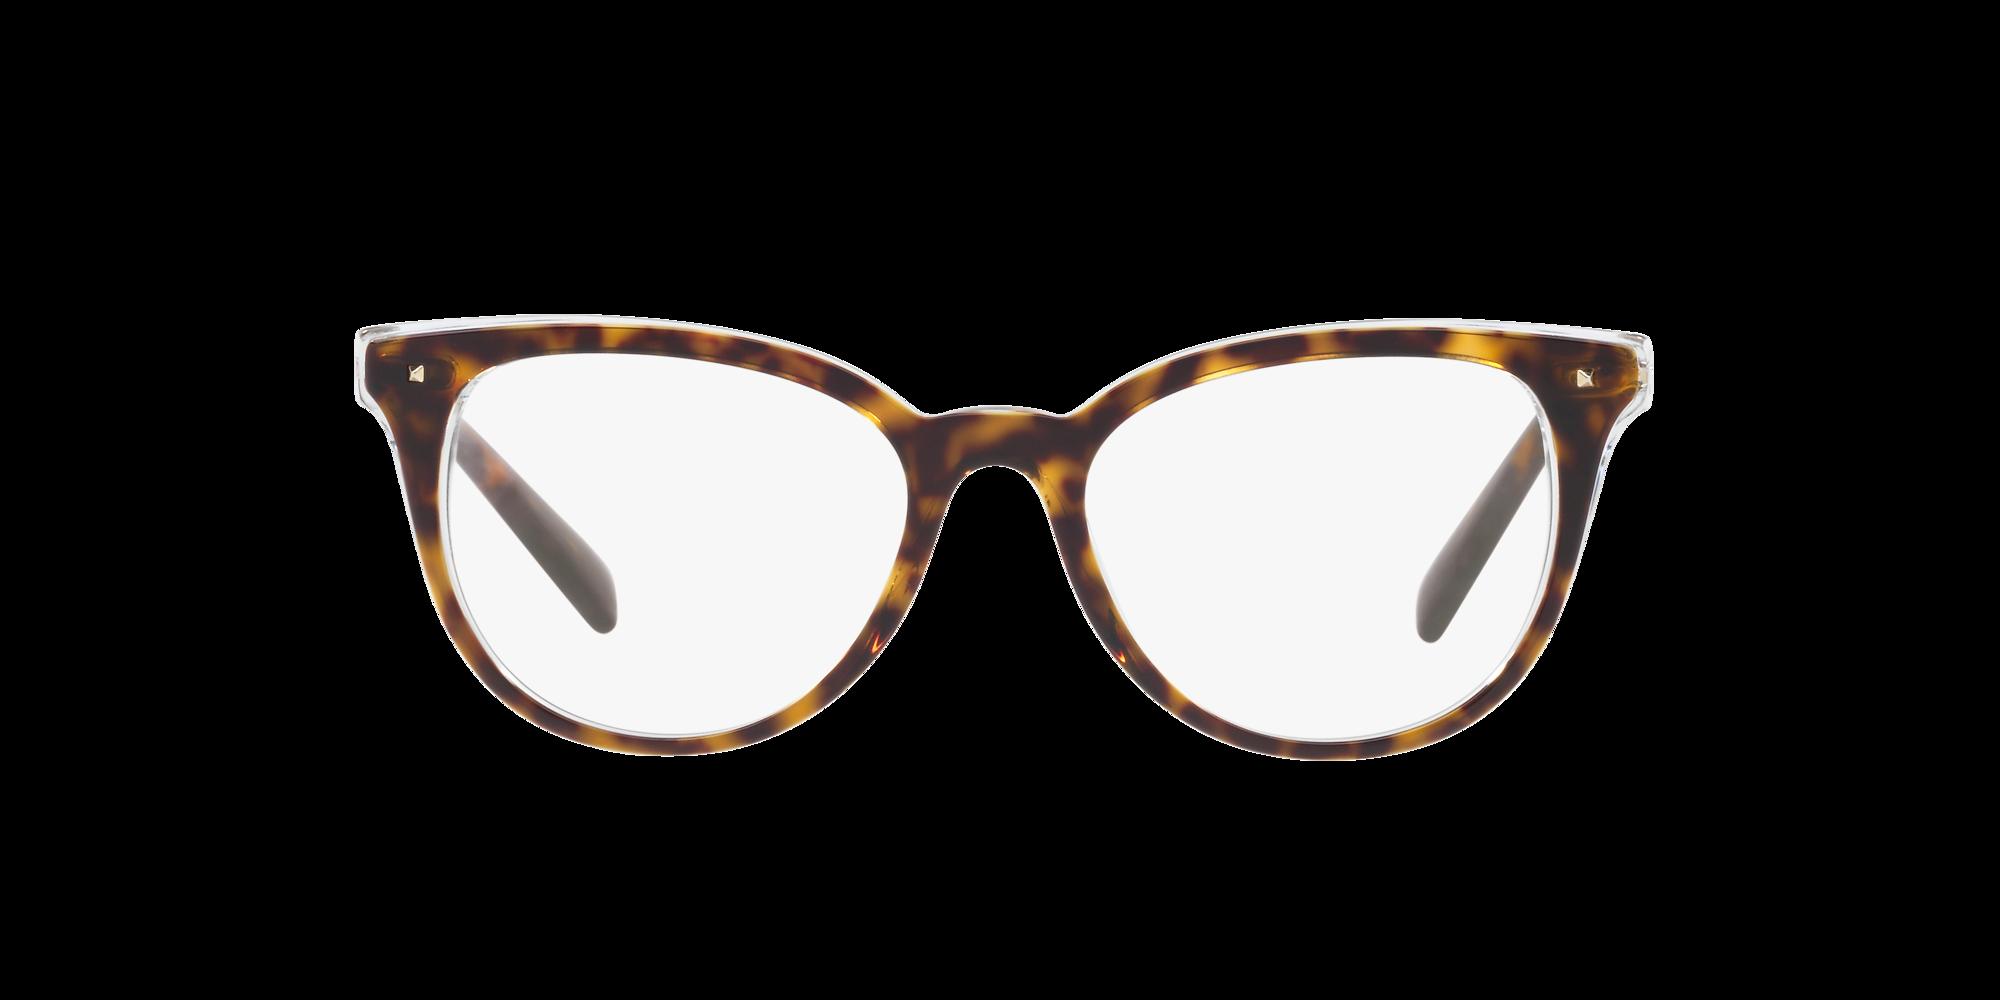 Imagen para VA3005 de LensCrafters    Espejuelos, espejuelos graduados en línea, gafas